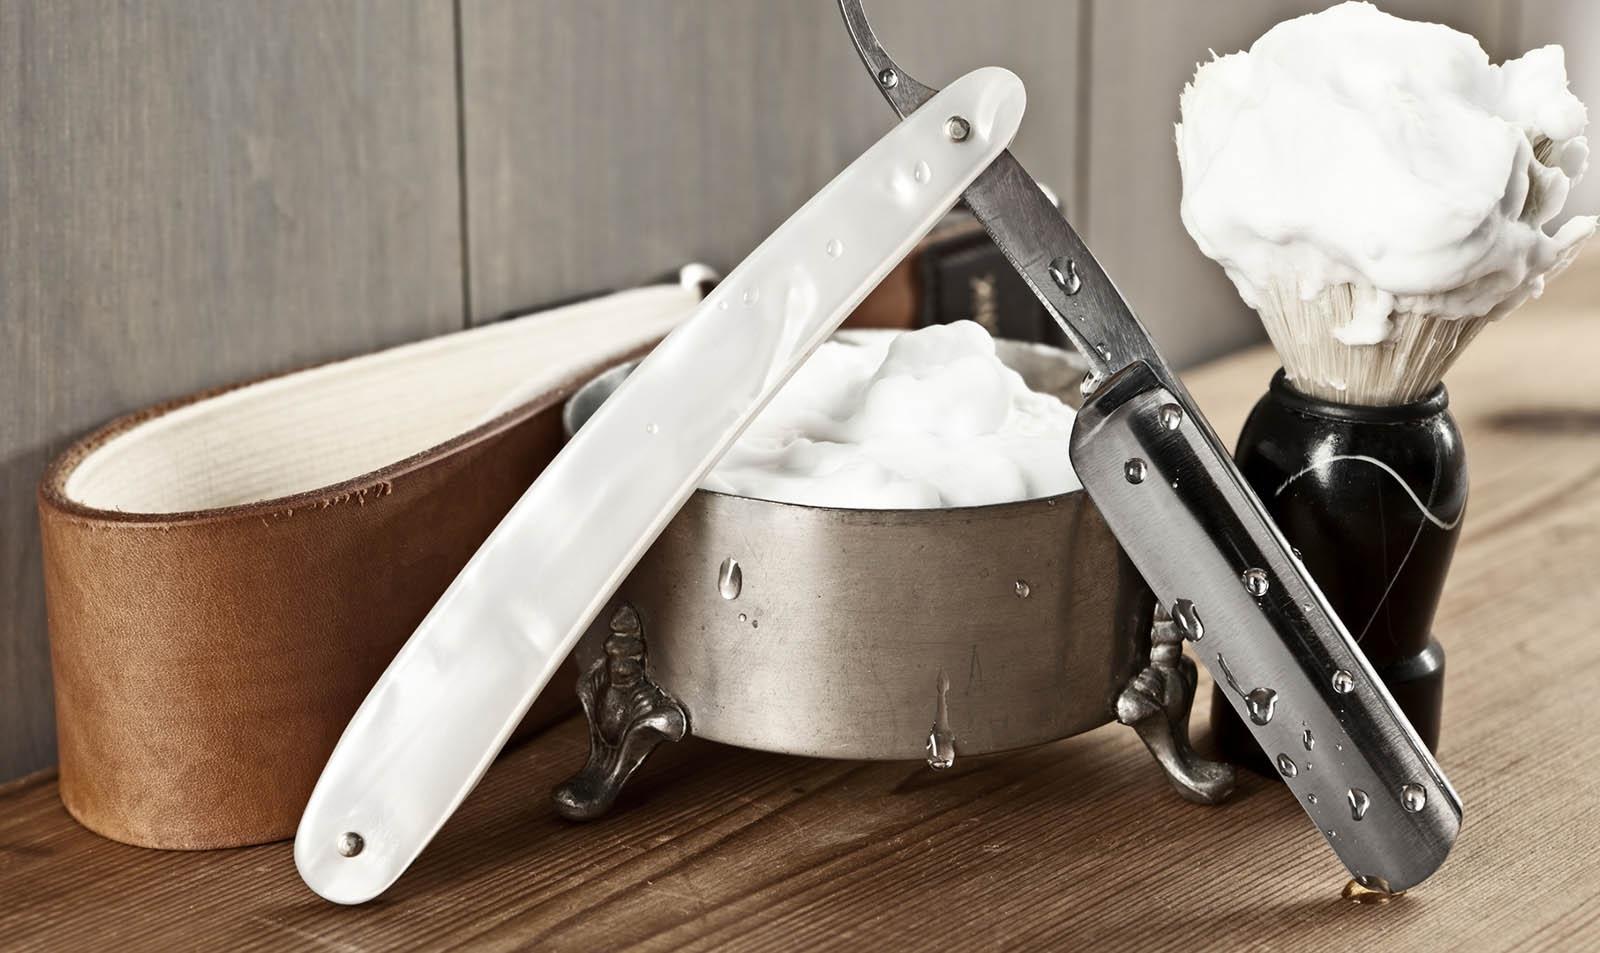 Как получать удовольствие от бритья?